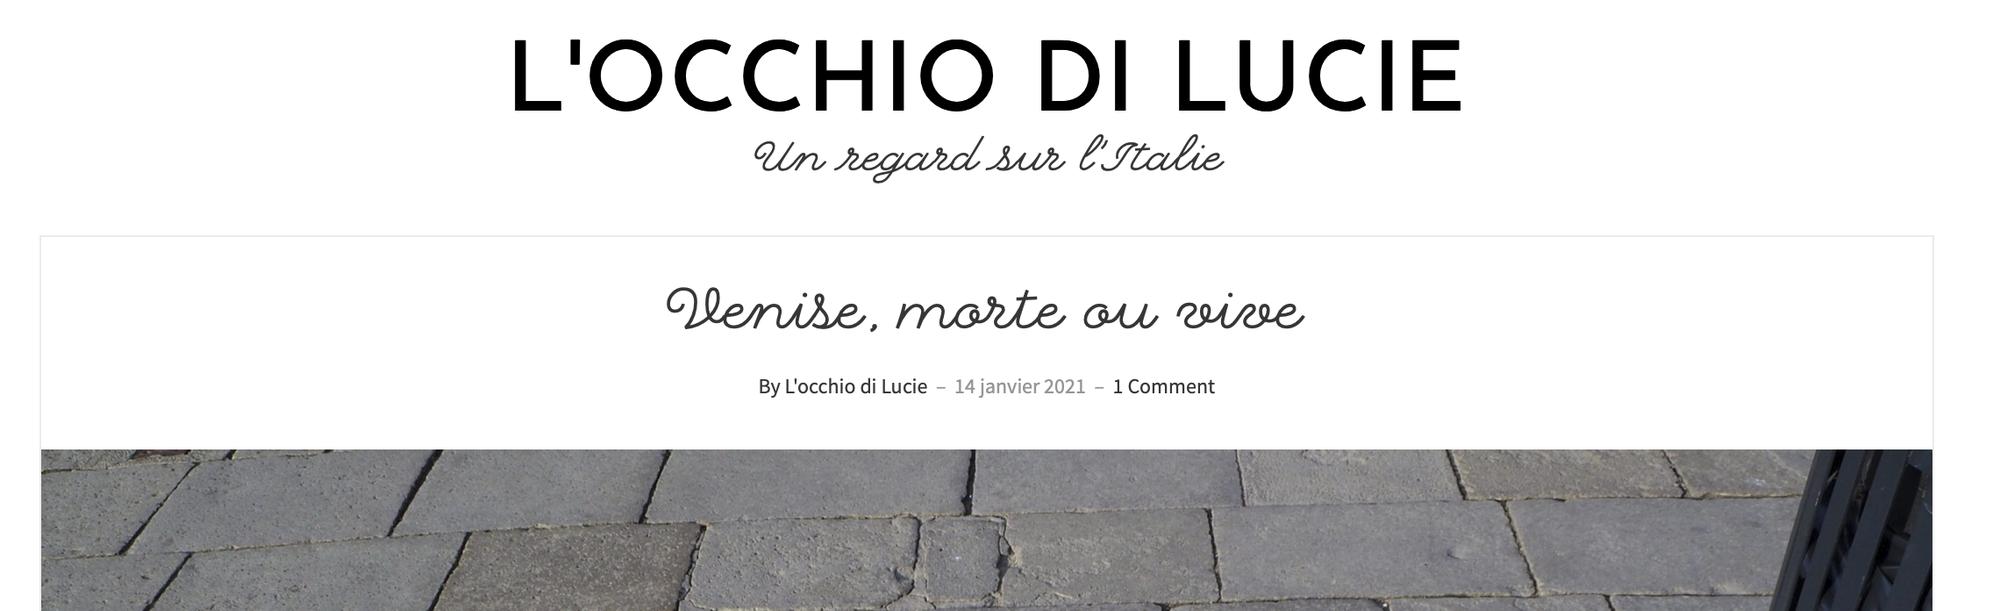 """Annotazioni riguardanti l'articolo """"Venise, morte ou vive"""""""